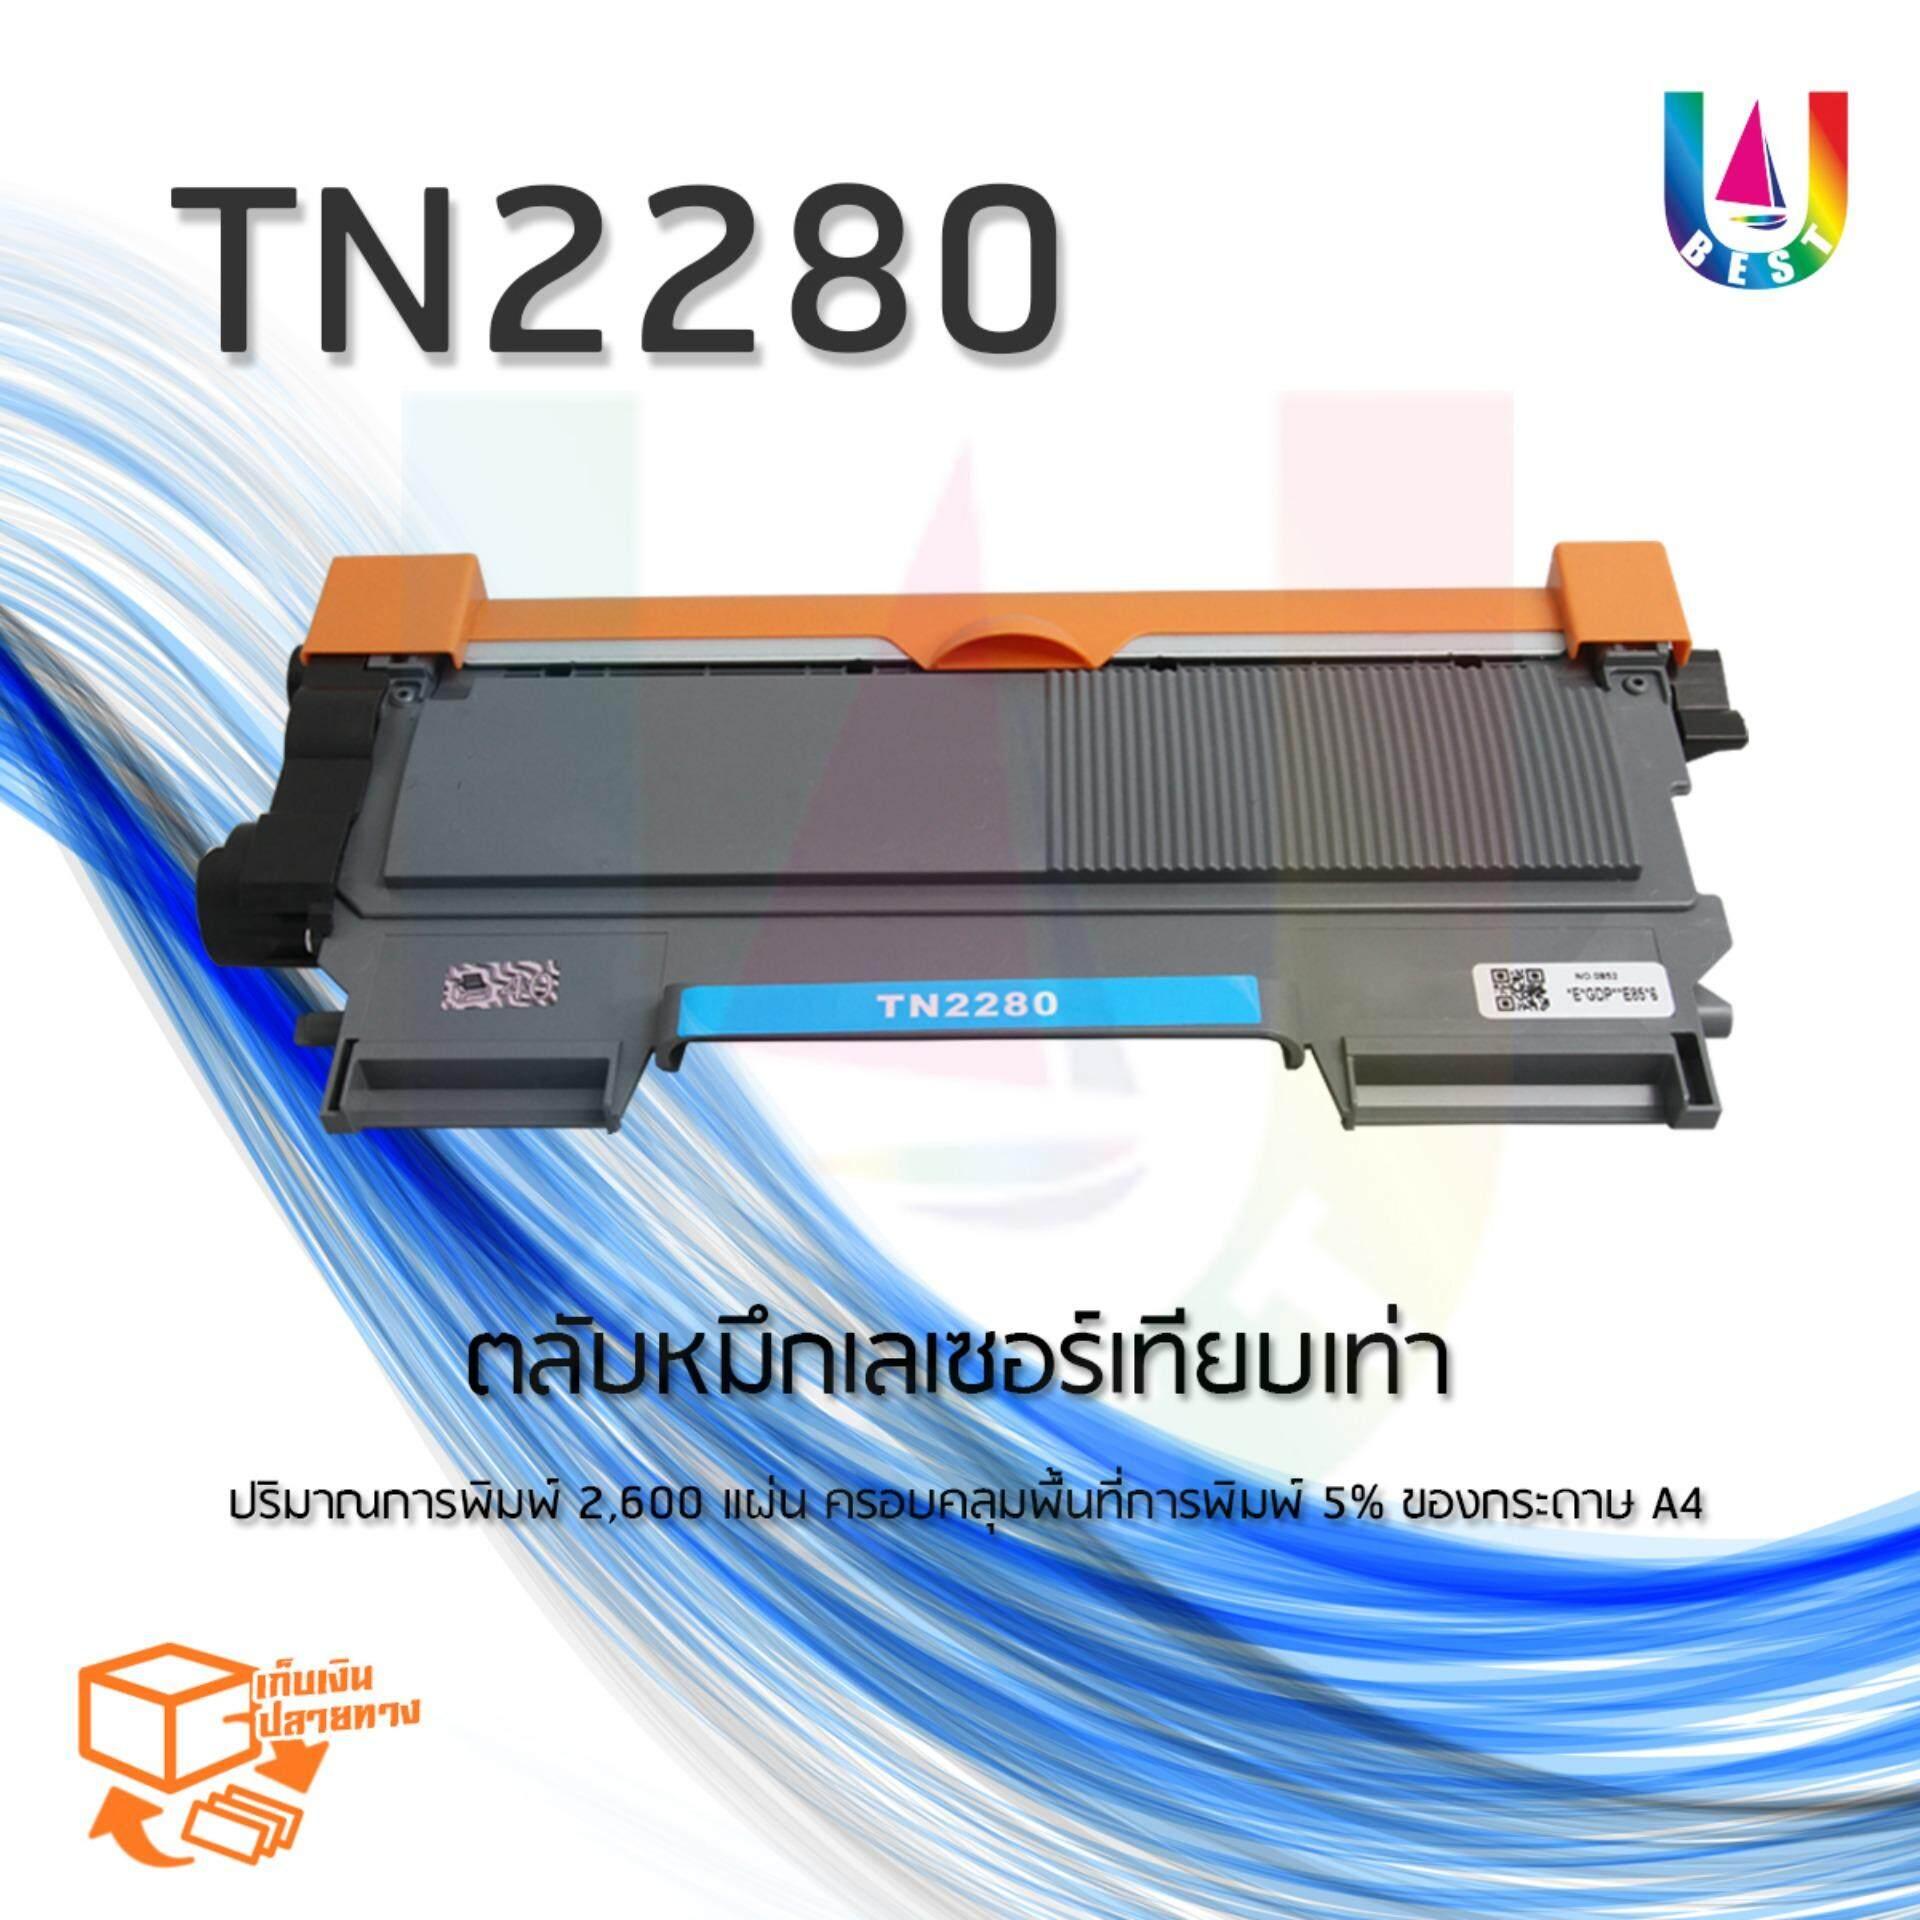 Brother-HL-2130/2240D/2242D/2250DN/2270DW,DCP-7055/4060D/7065DN, MFC-7240/7360N/7362/7460DN/ 7470D/7860DW ใช้ตลับหมึกเลเซอร์เทียบเท่ารุ่น 2280/TN-2280/TN2280 TooZuzu